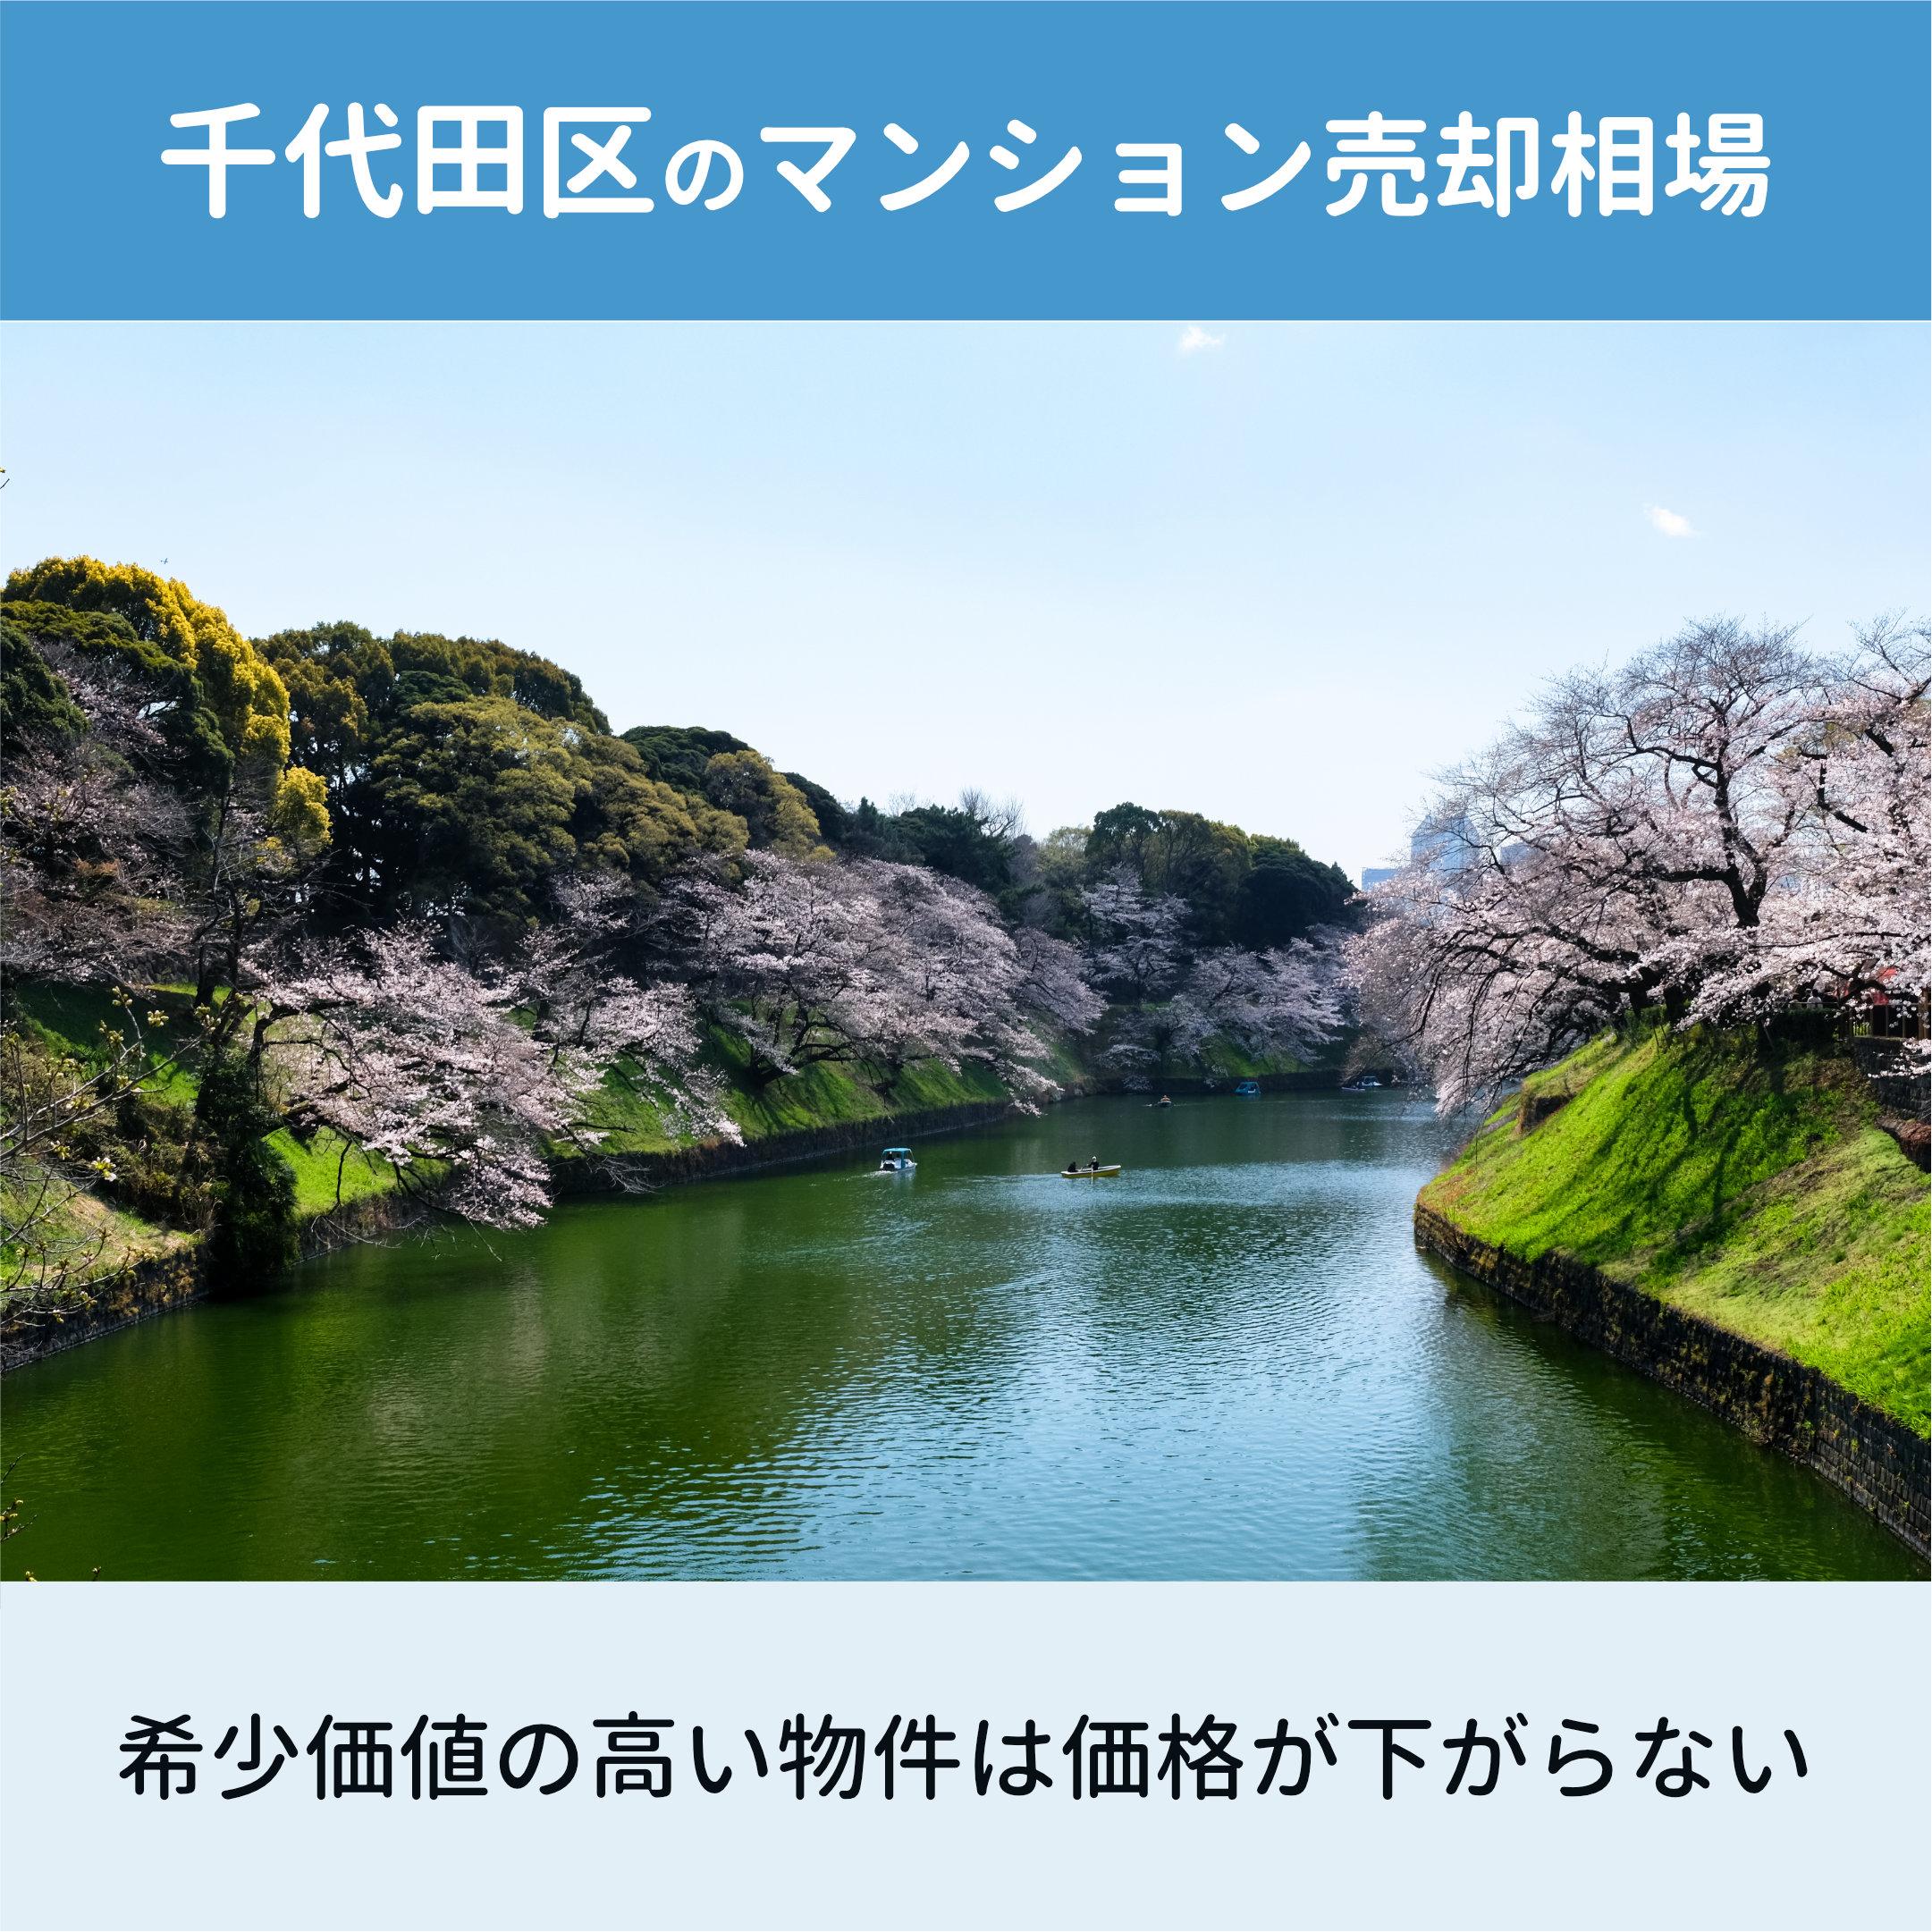 マンション売却相場 千代田区